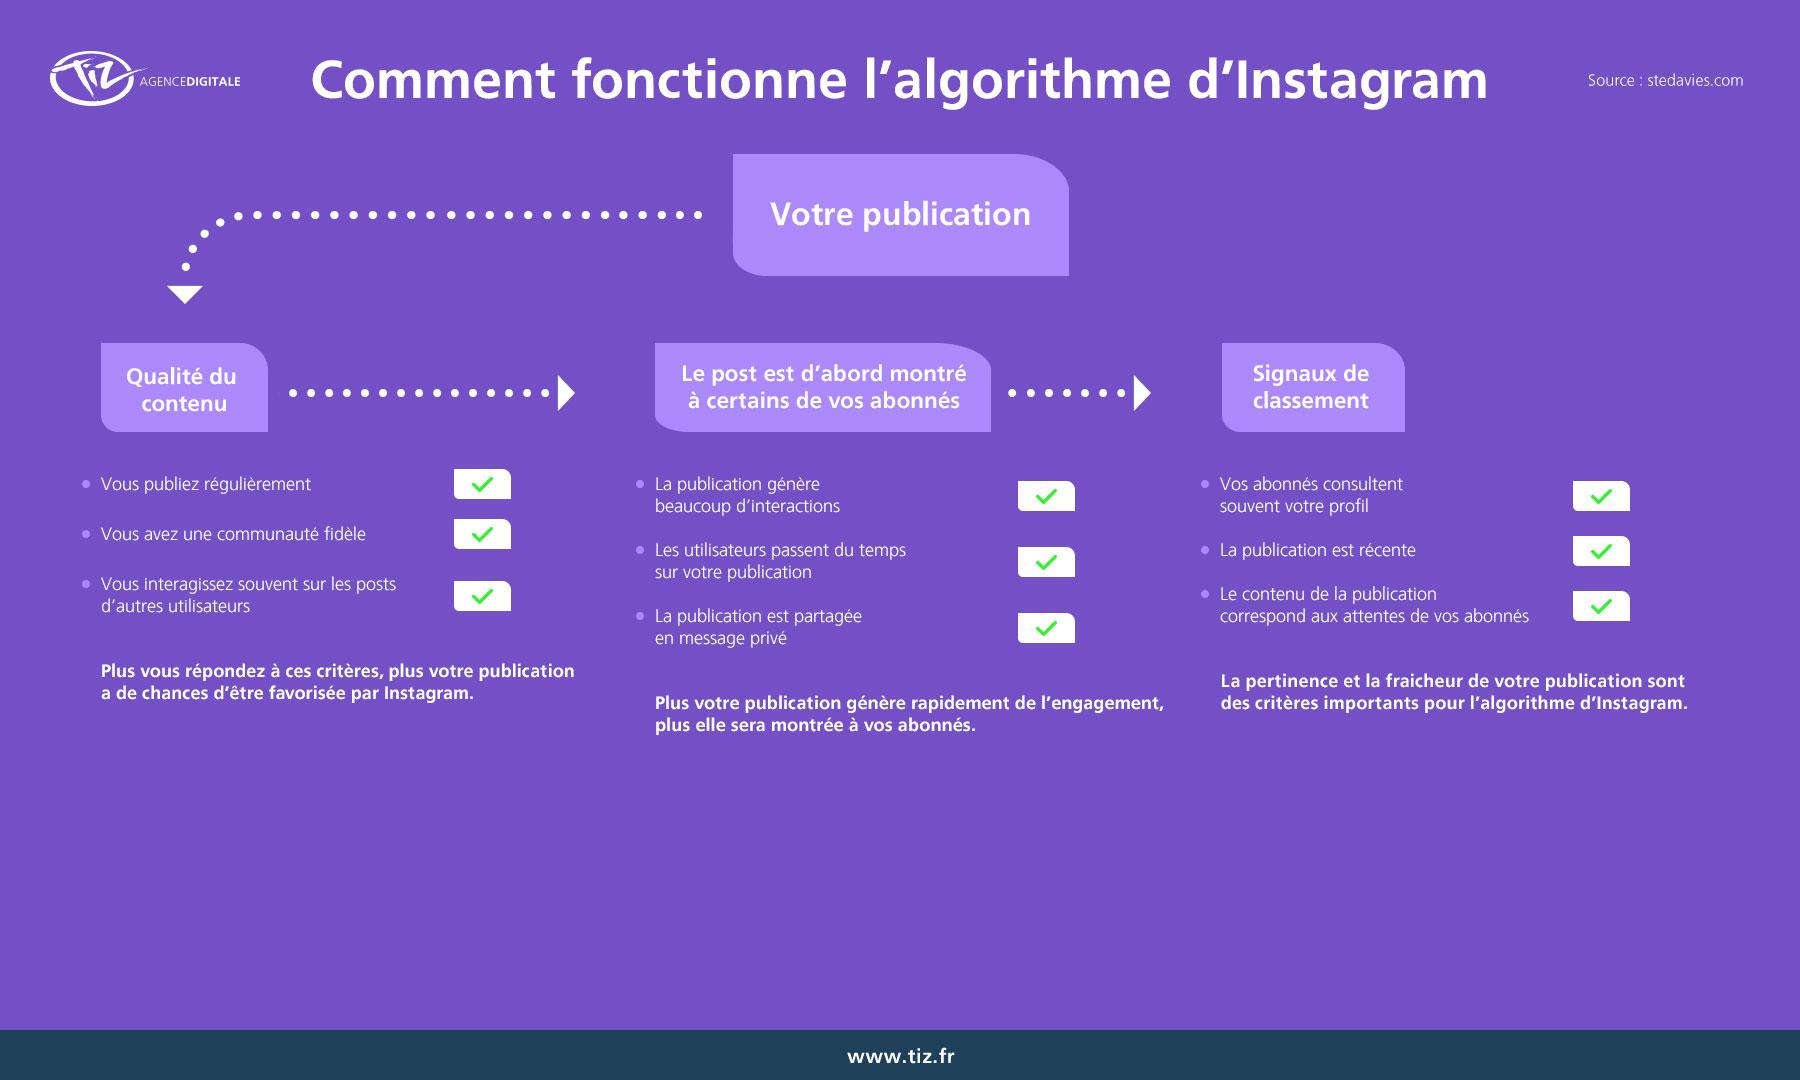 Comment fonctionne l'algorithme d'Instagram